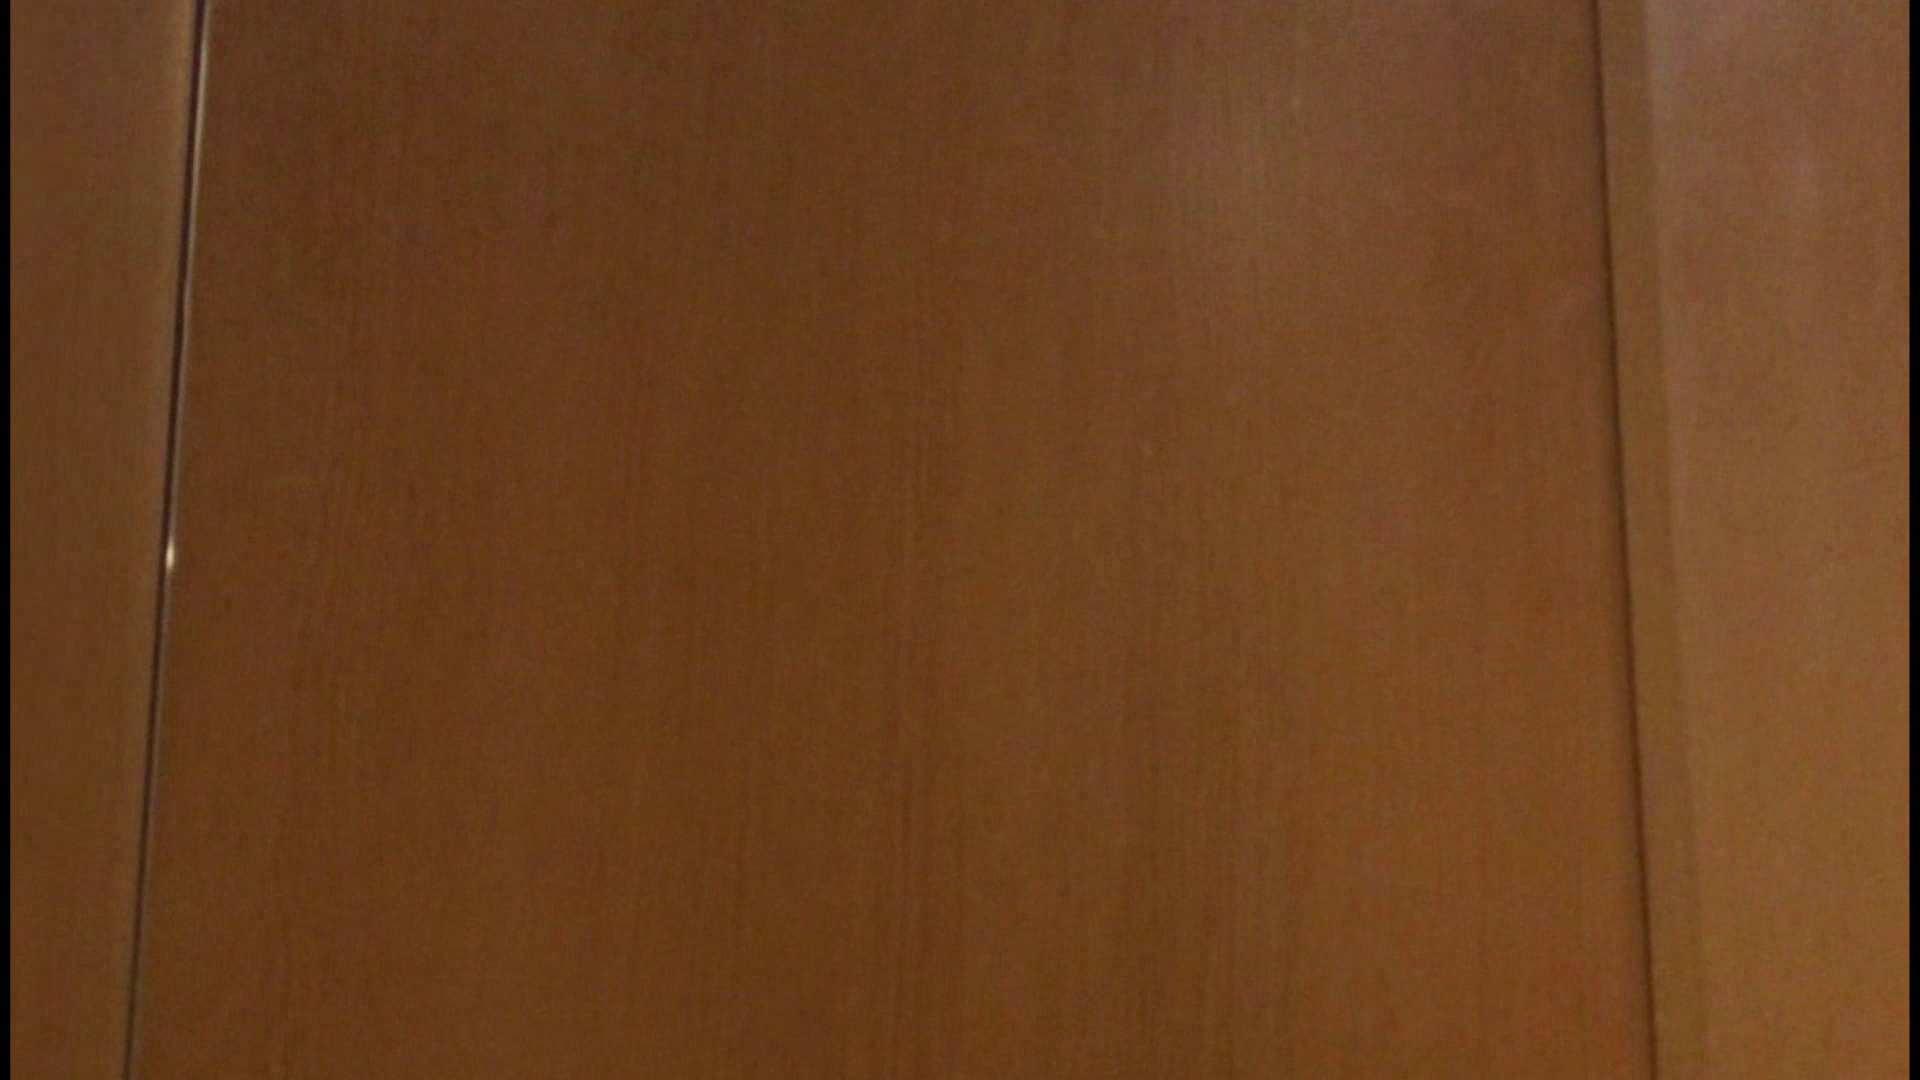 「噂」の国の厠観察日記2 Vol.08 厠   人気シリーズ  80連発 4